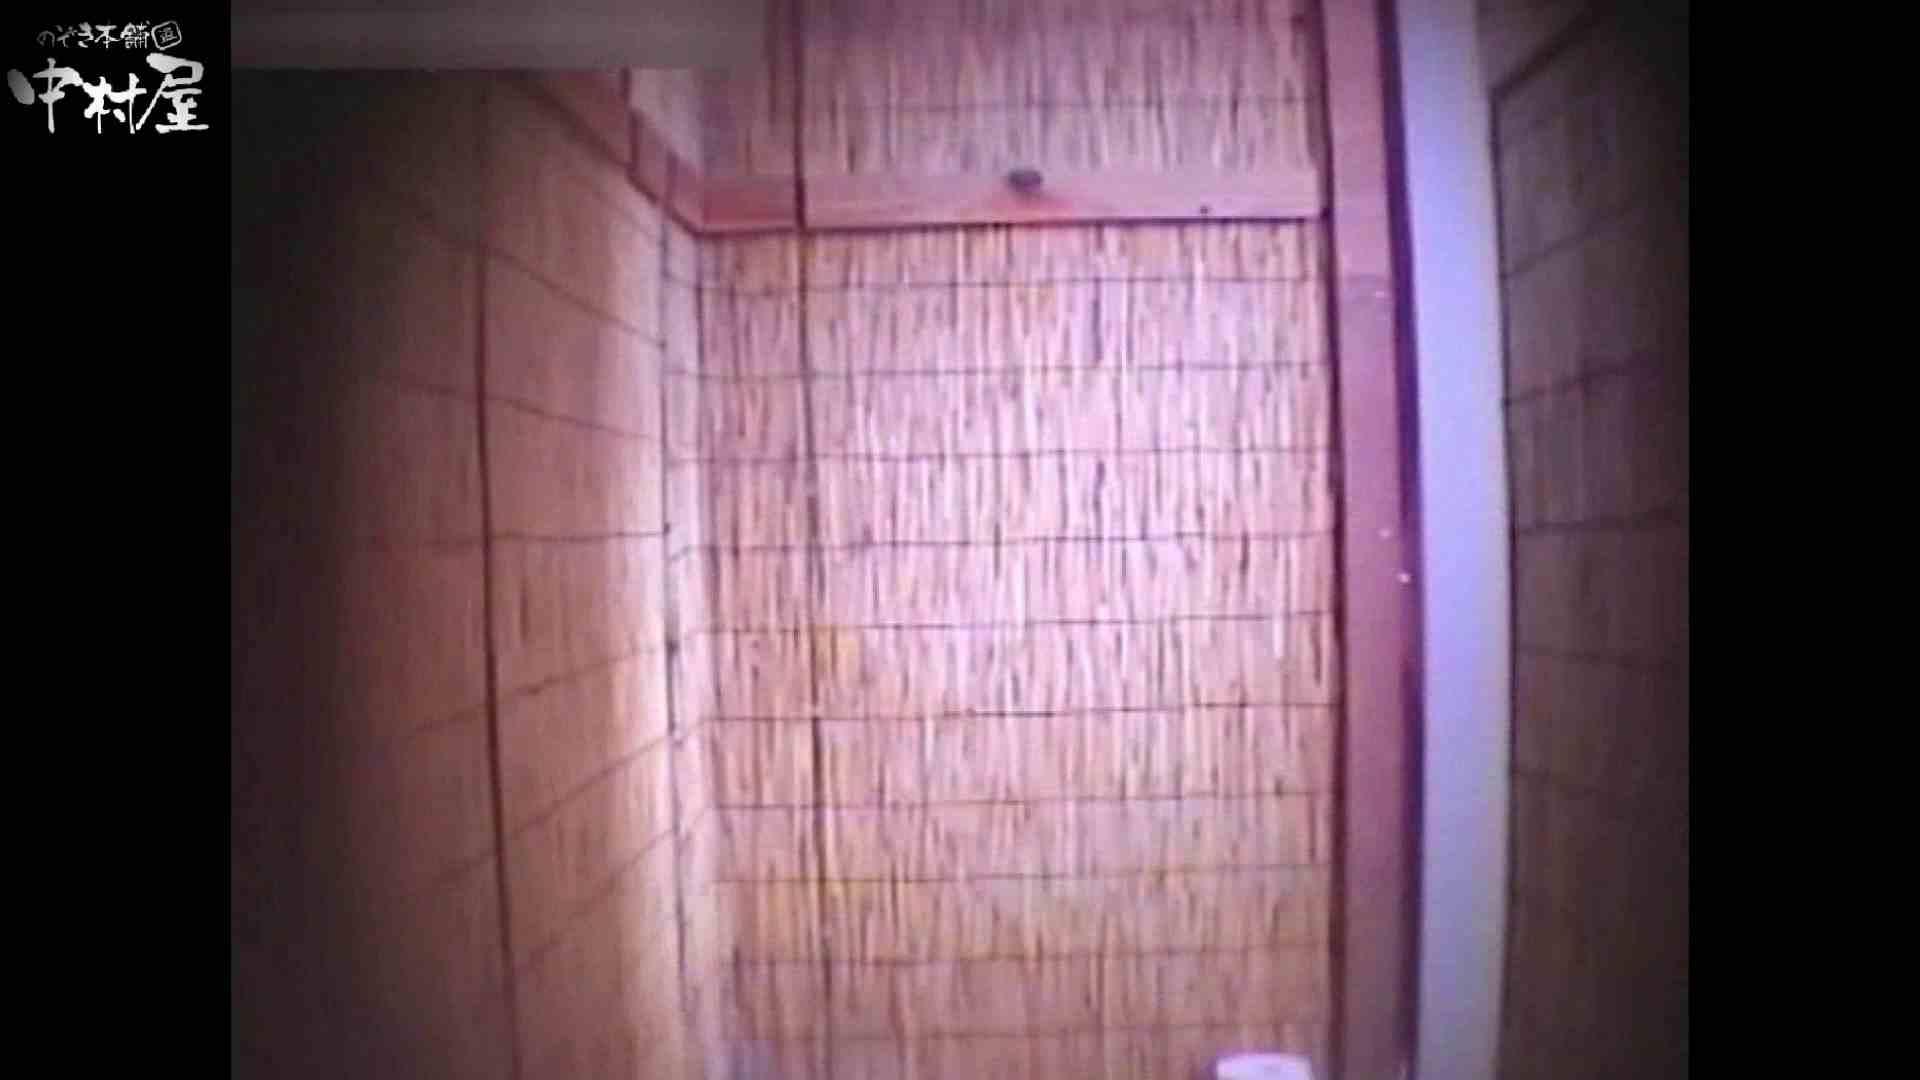 解禁!海の家4カメ洗面所vol.66 ギャルのエロ生活 | OLのエロ生活  54連発 45